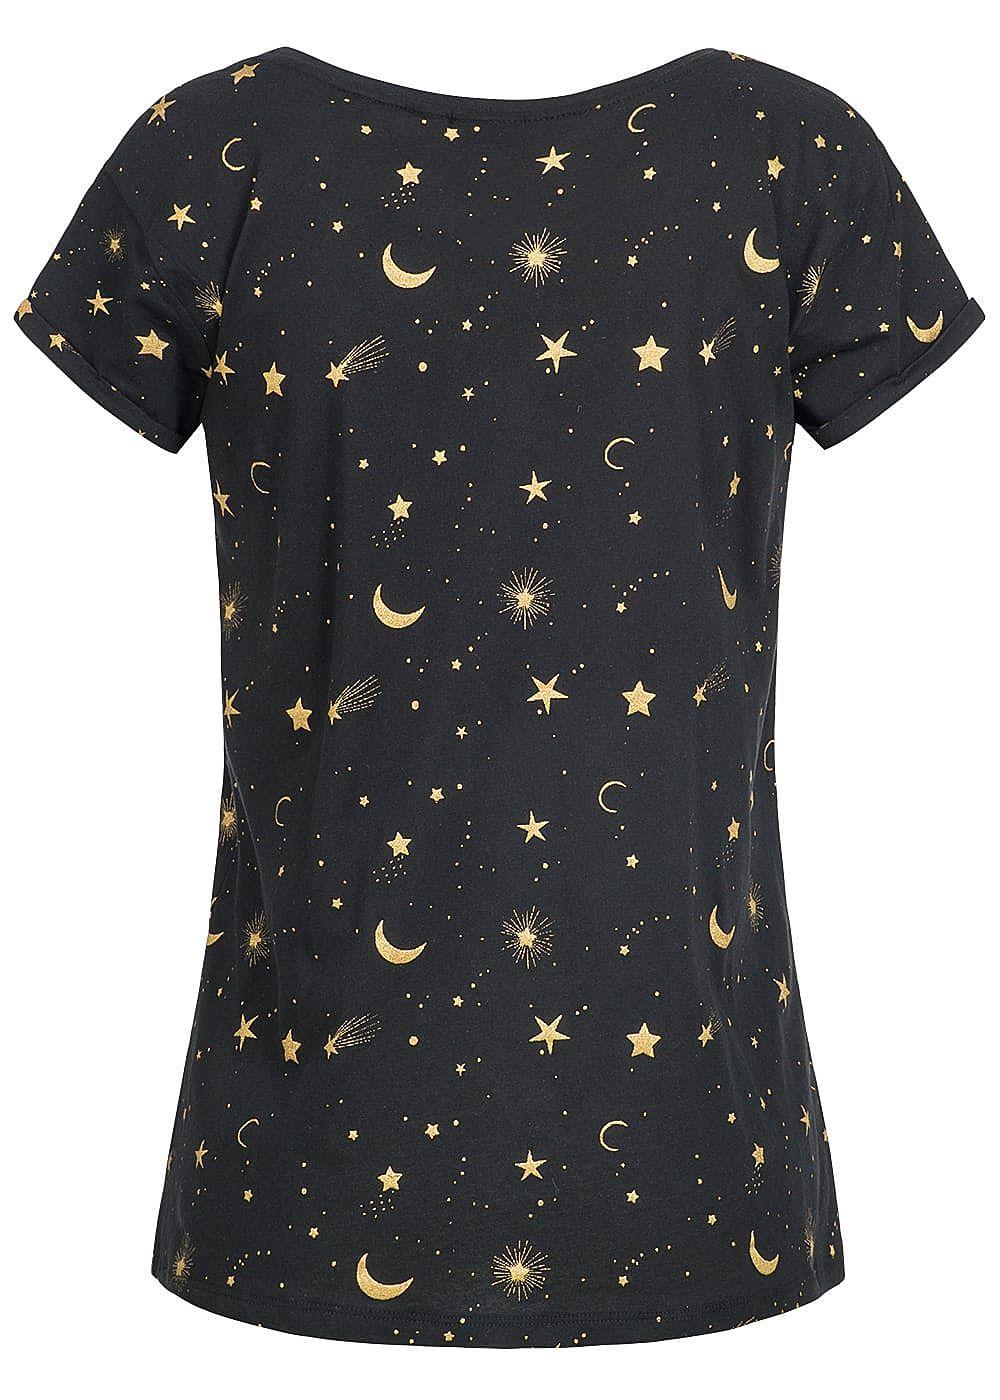 eight2nine damen t shirt sonne sterne mond muster schwarz gold 77onlineshop. Black Bedroom Furniture Sets. Home Design Ideas